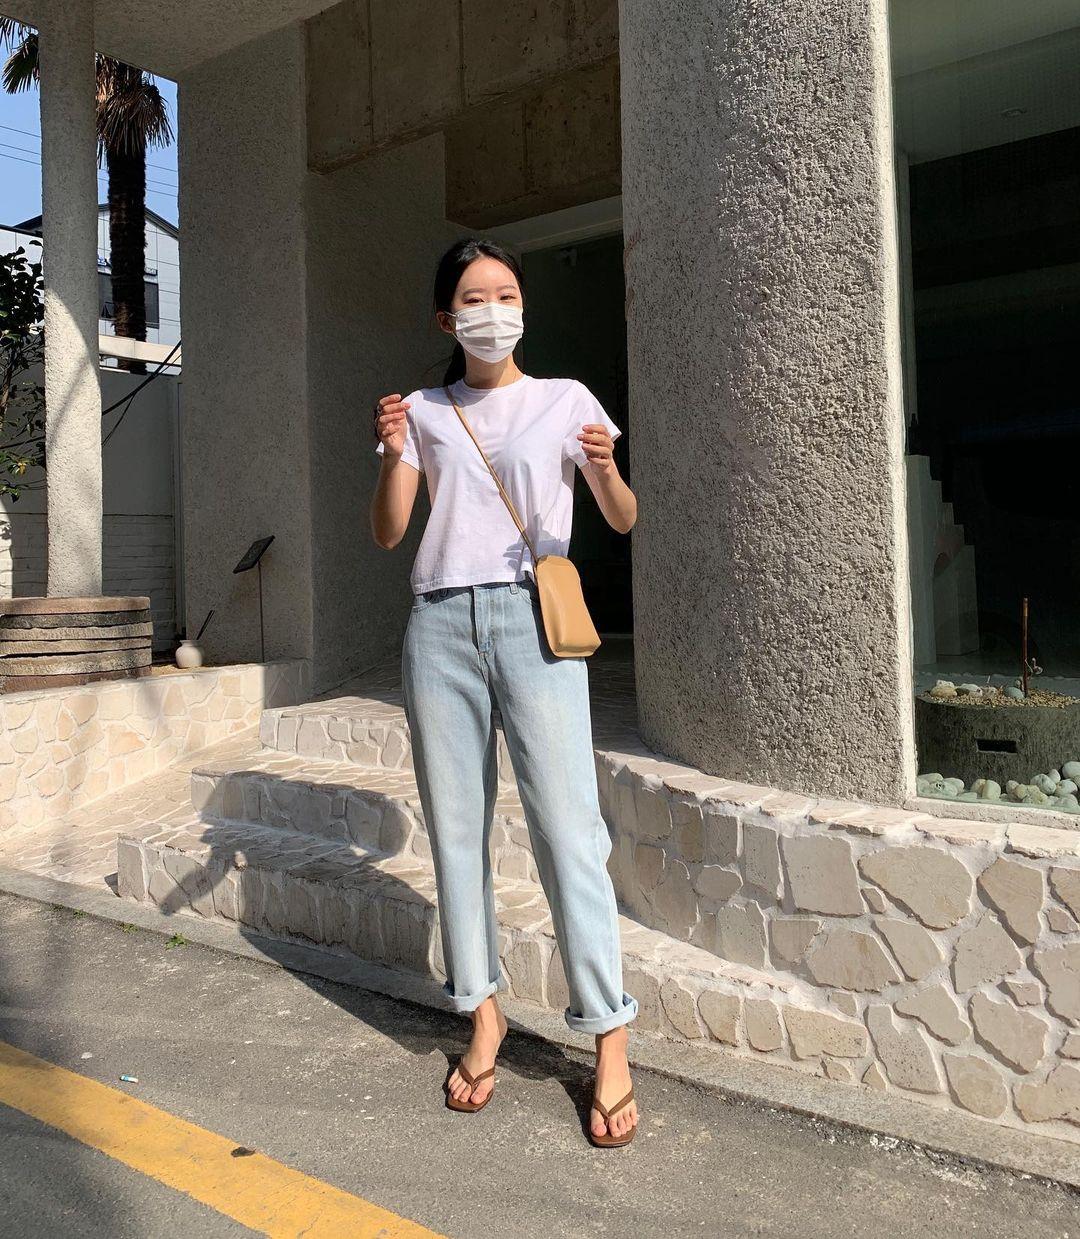 Nàng blogger Hàn có biệt tài diện toàn đồ đơn giản mà ai cũng muốn copy theo, diện đi làm hay đi chơi cũng ổn - Ảnh 2.